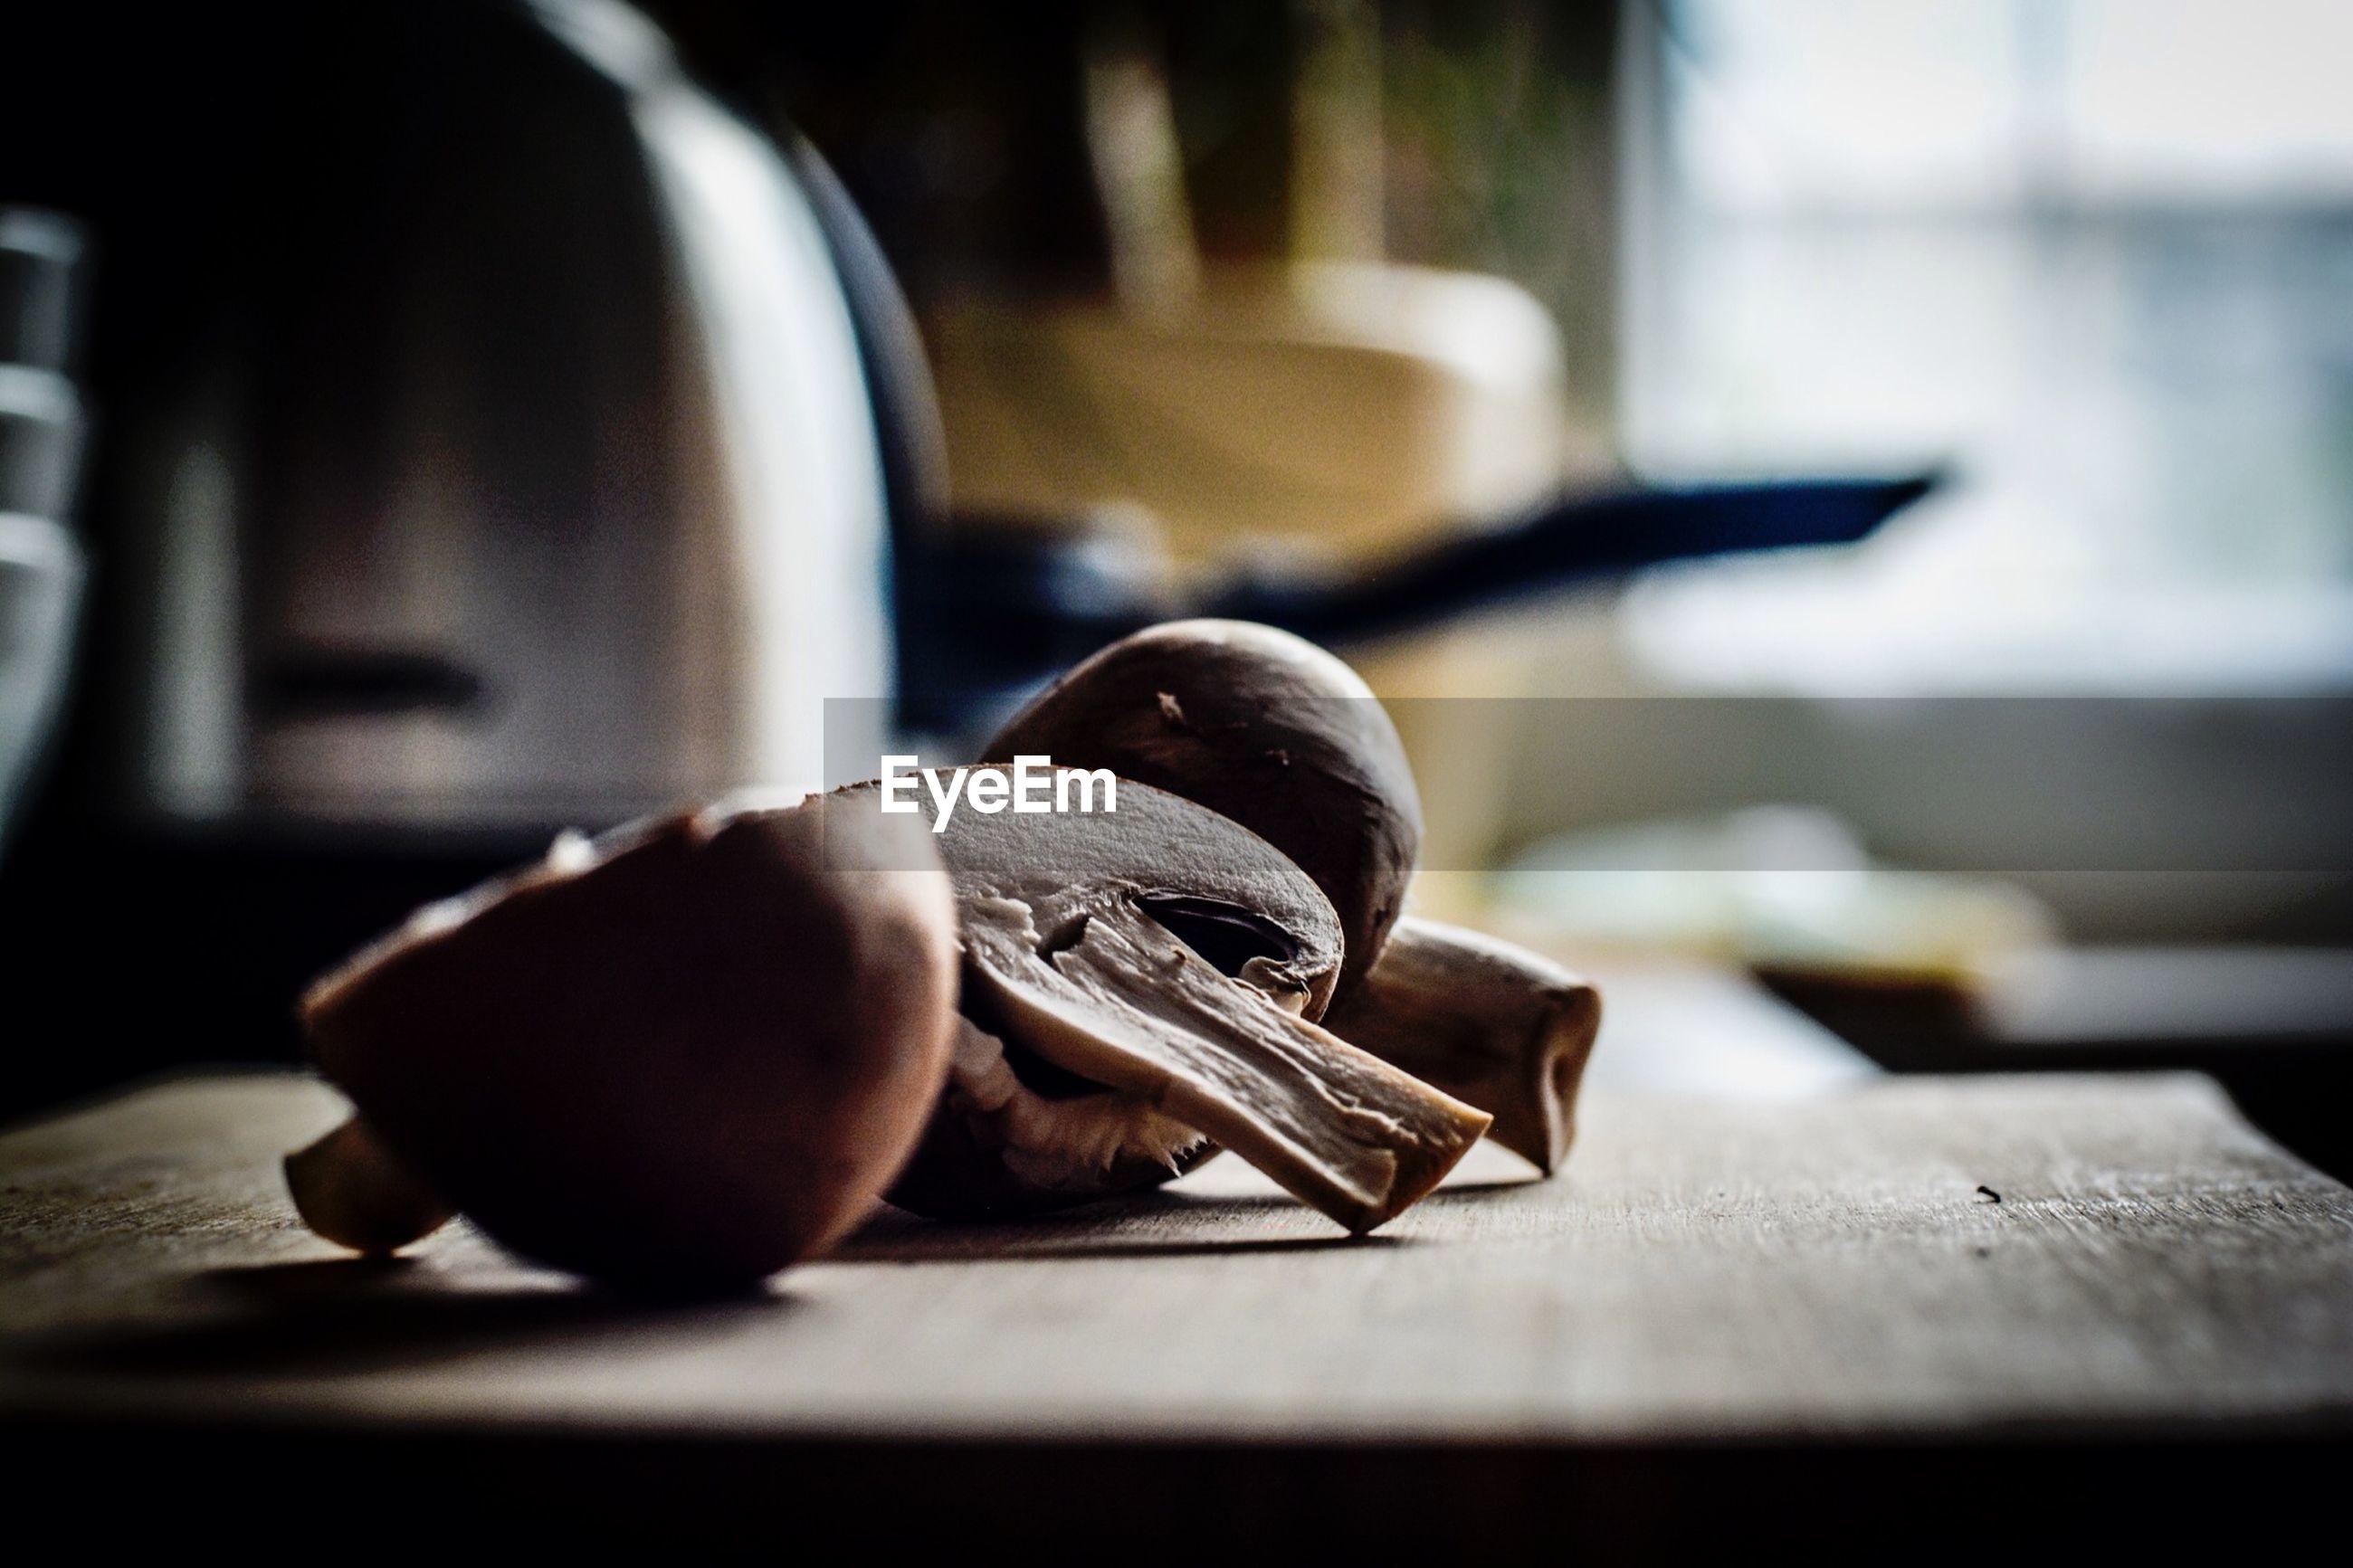 Close-up of halved mushroom on table